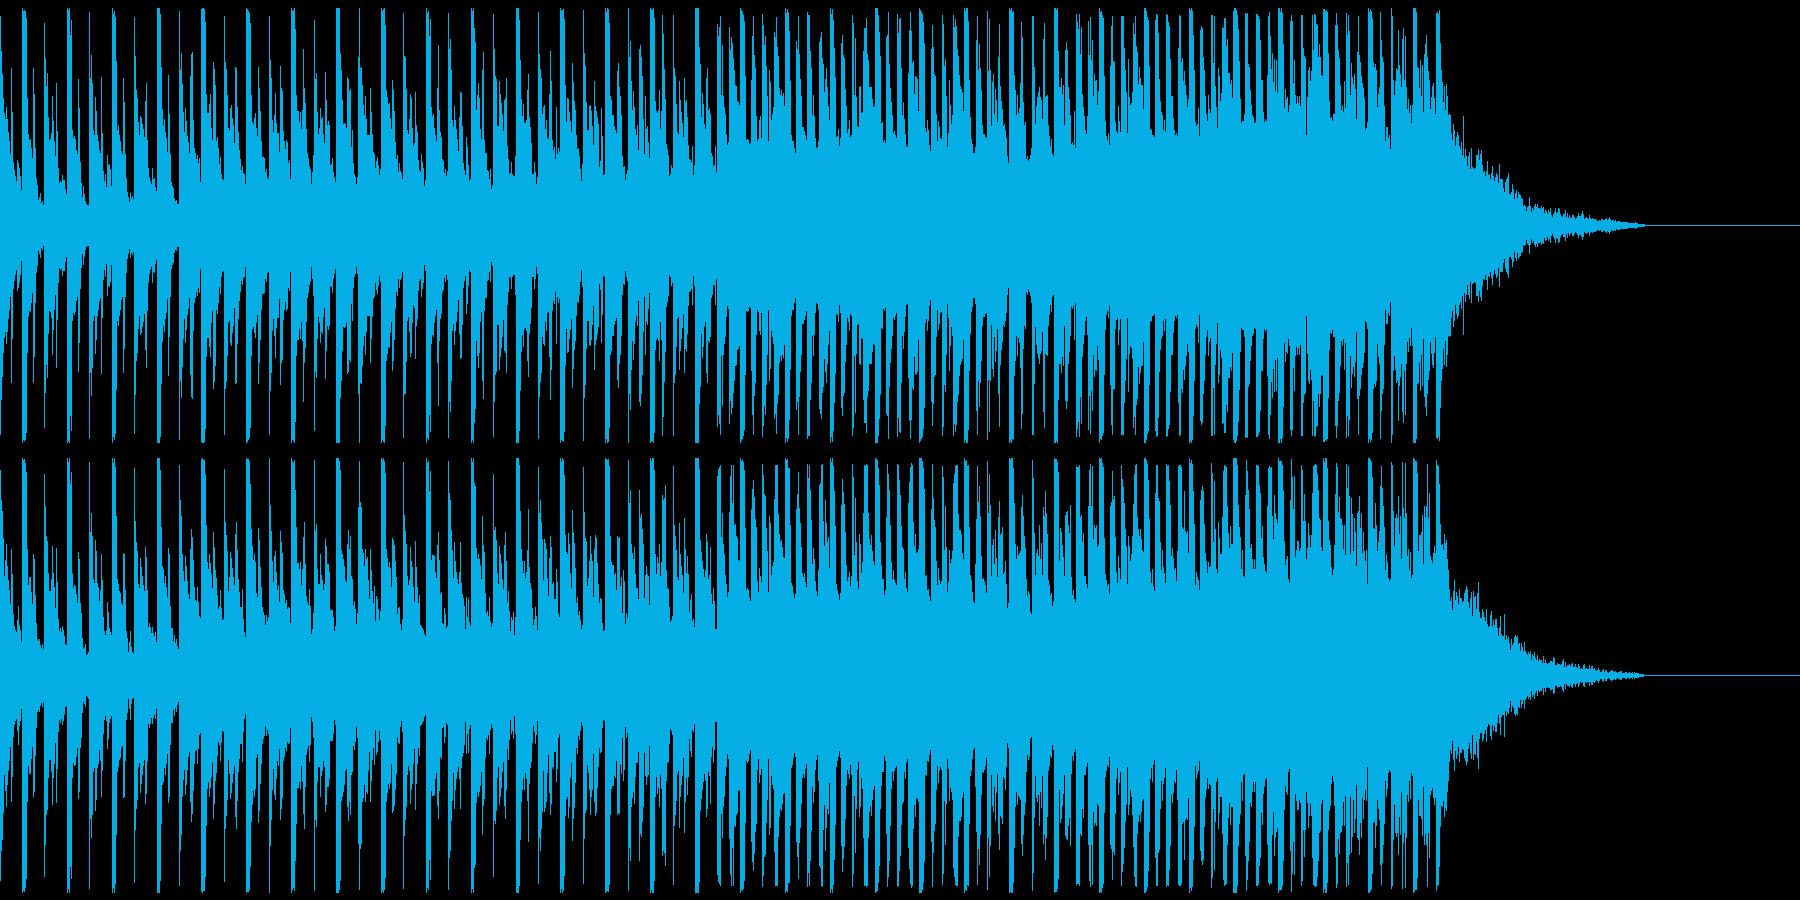 オシャレ・戦闘・スリリングEDM、⑦の再生済みの波形